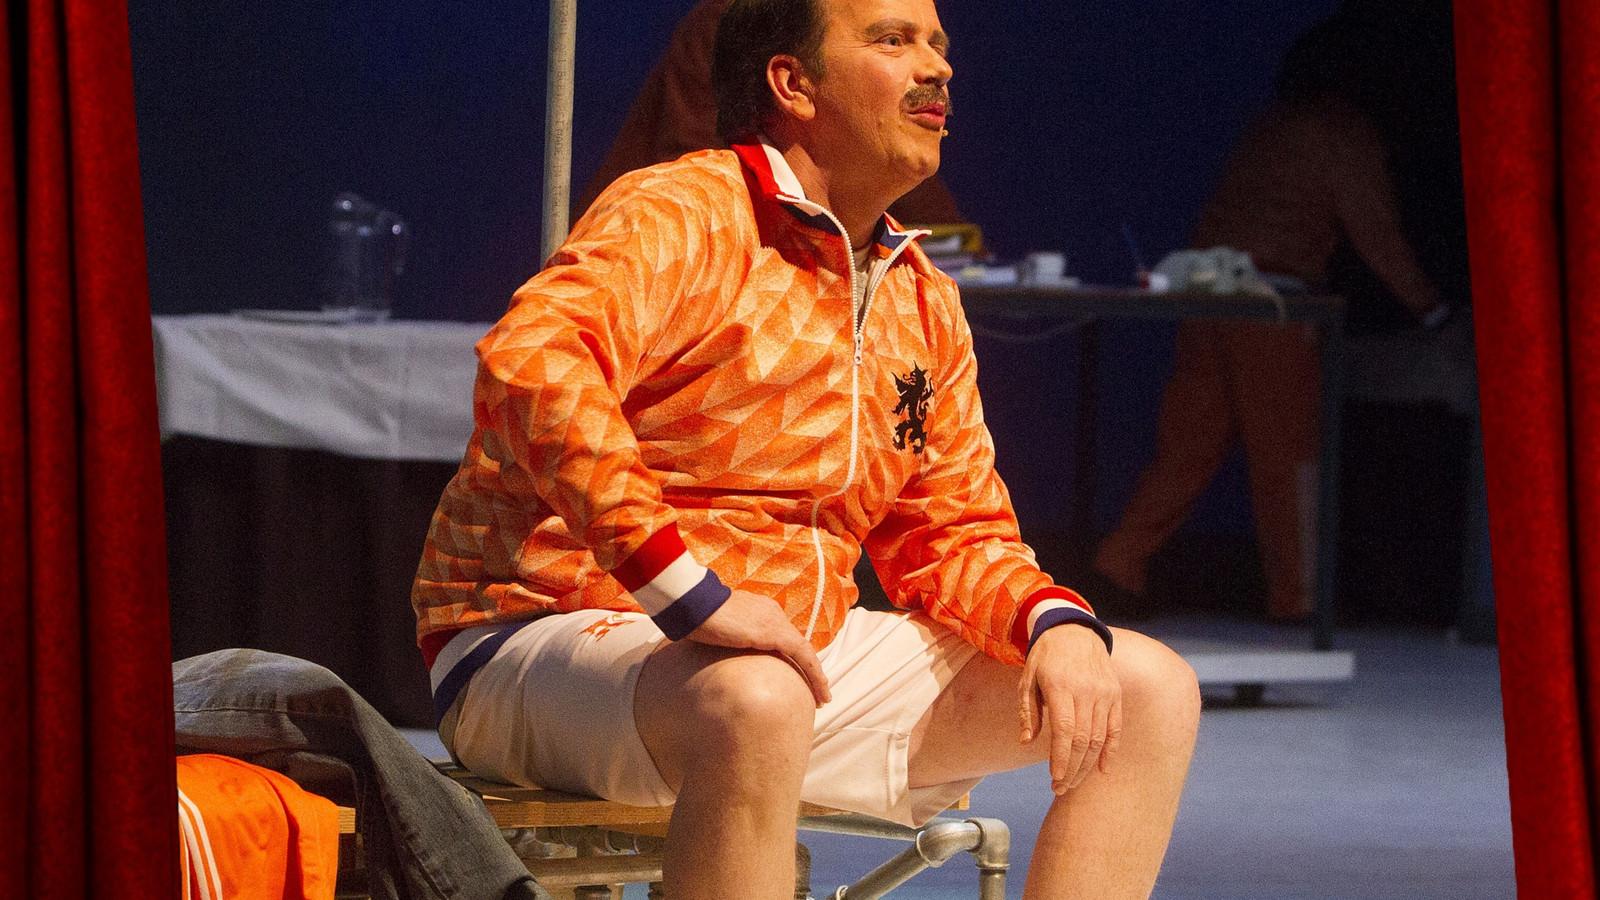 'Berry, de Musical' ging over de Helmondse voetbalheld Berry van Aerle.